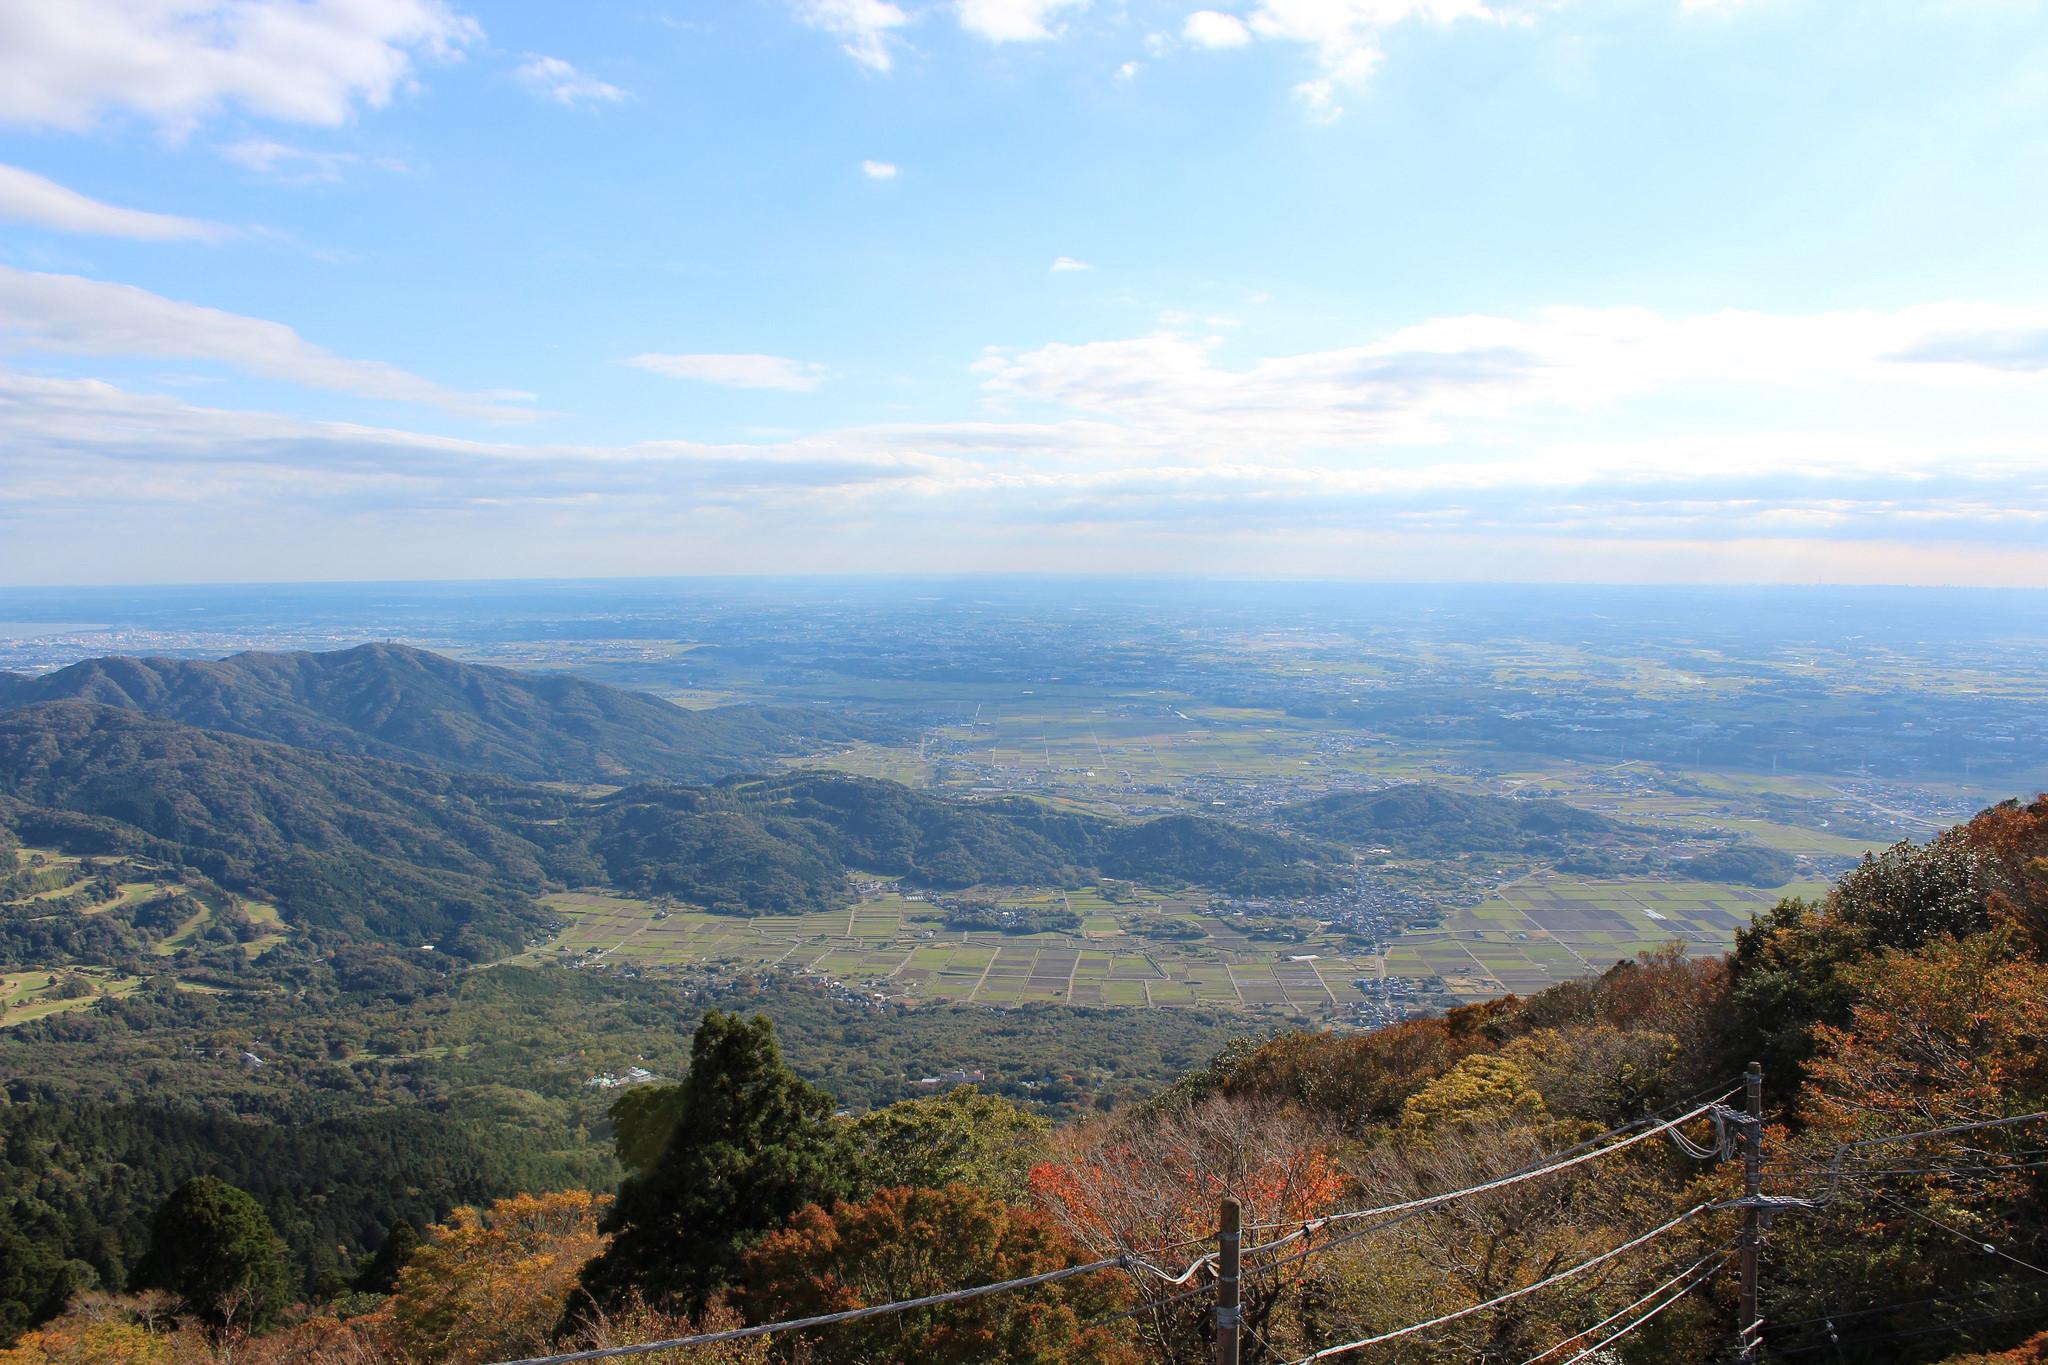 mount tsukuba to tokyo day trip